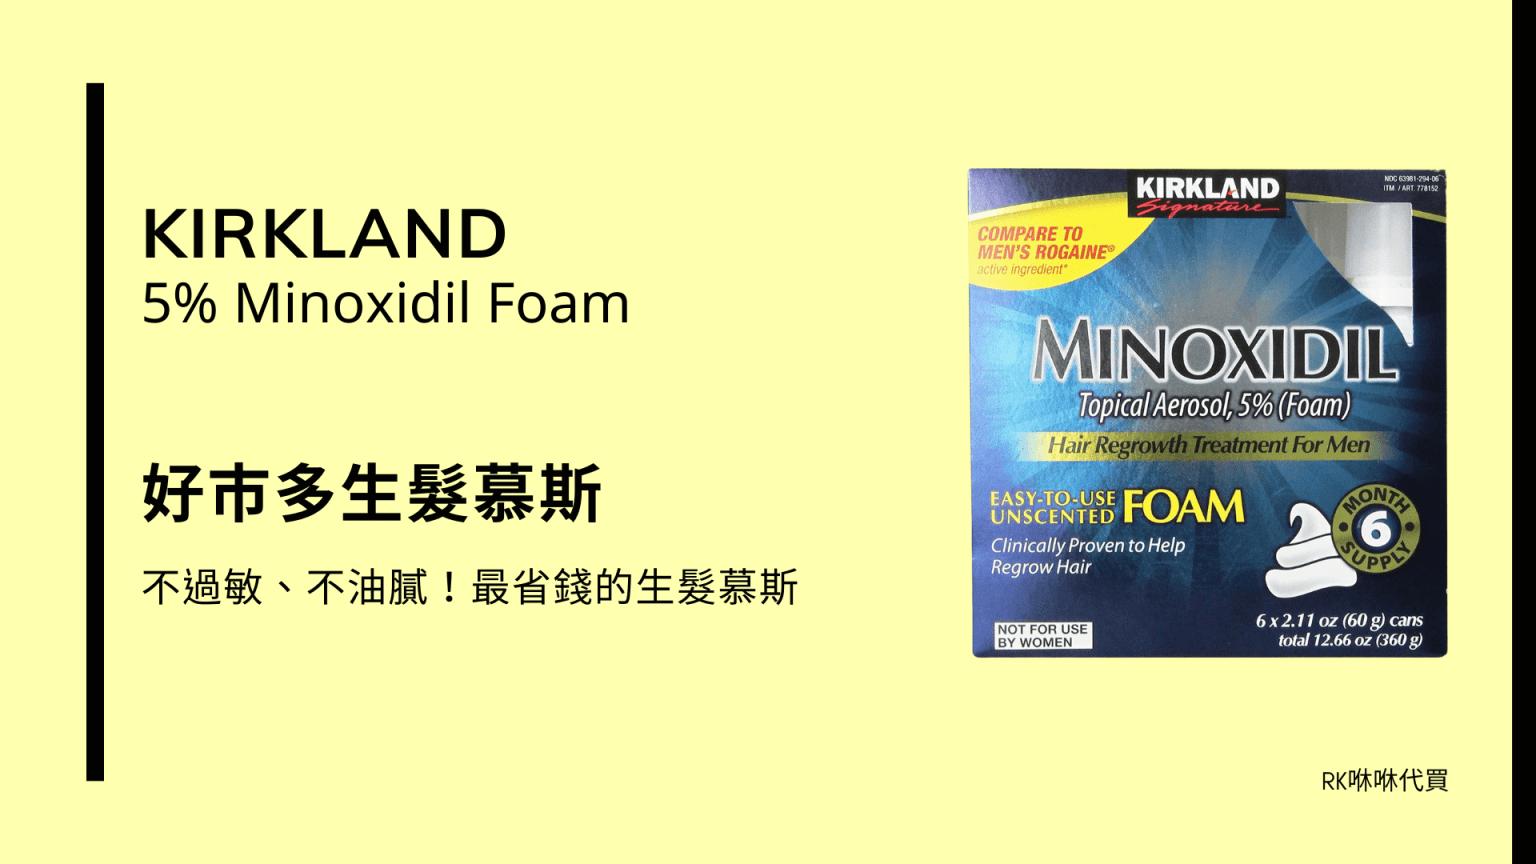 好市多生髮慕斯 Kirkland 5% minoxidil – 最省錢的生髮慕斯